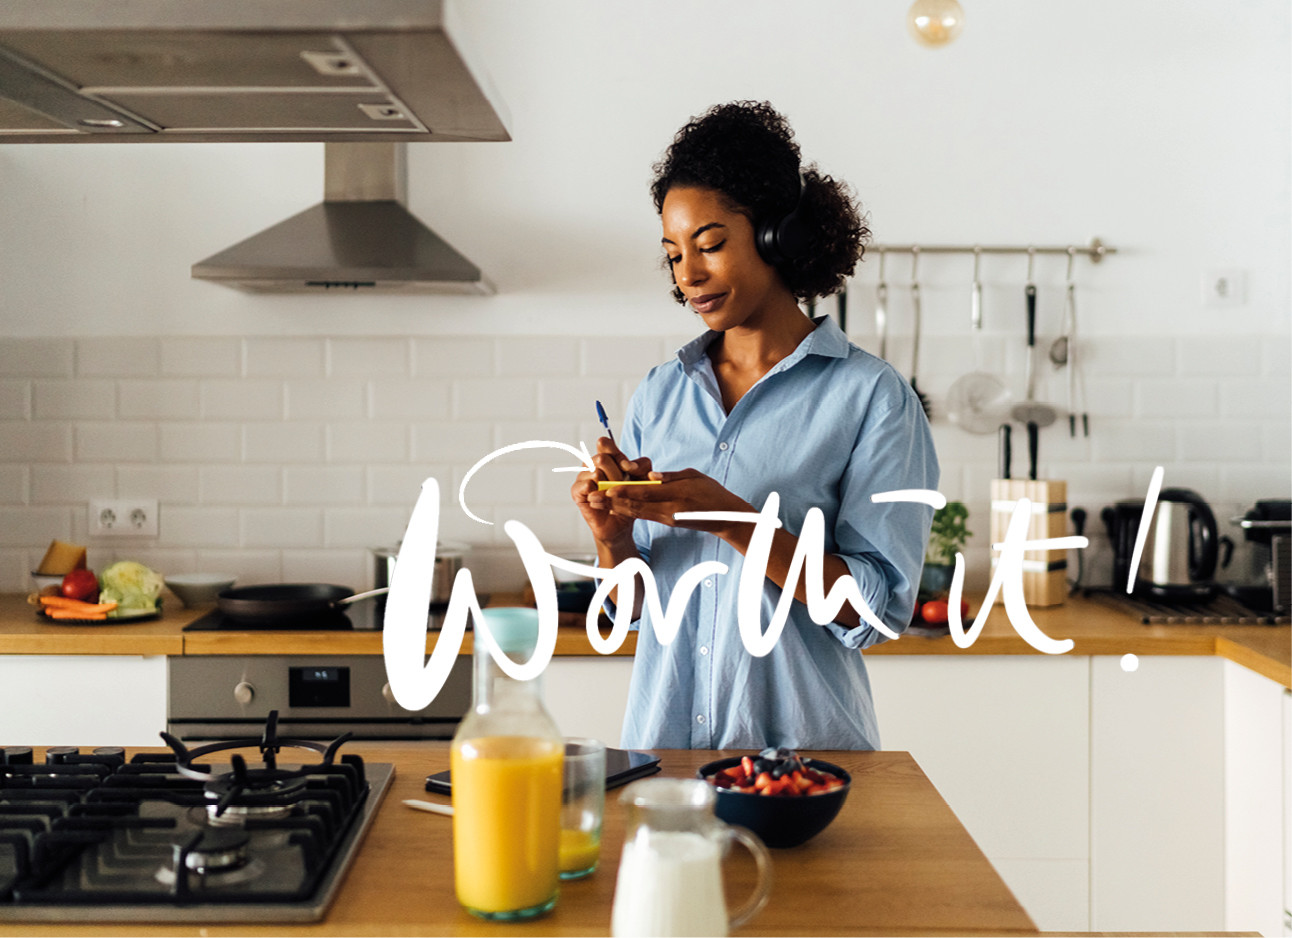 vrouw in de keuken met koptelefoon maakt een lijstje